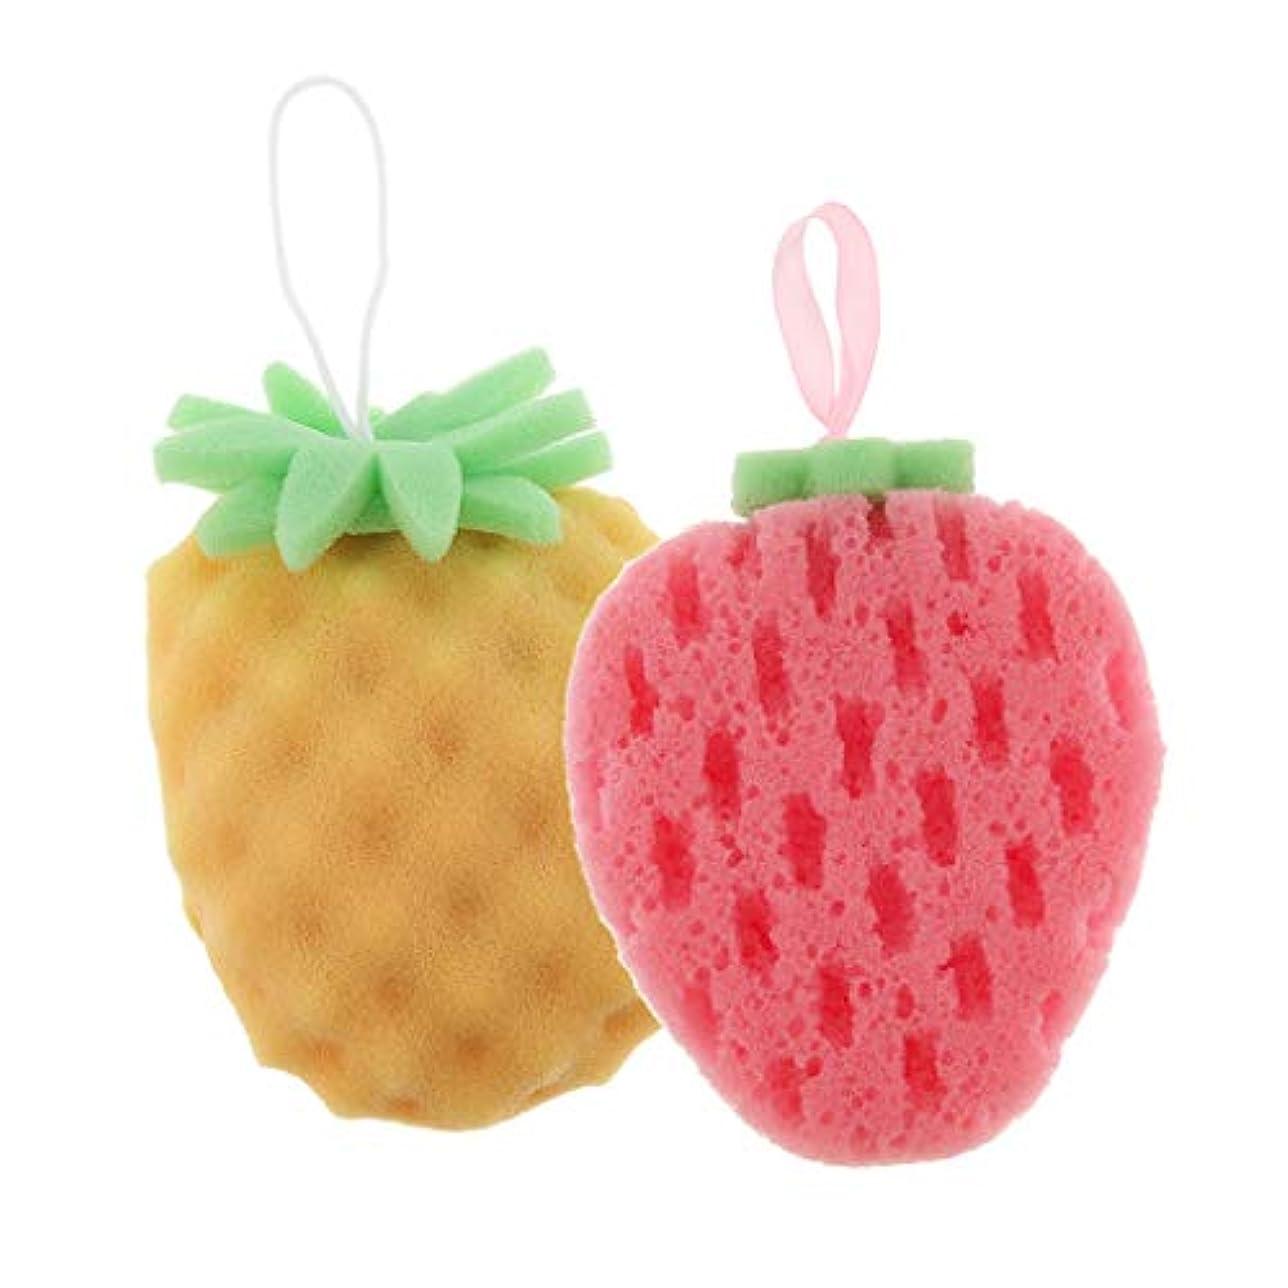 指標借りているカメラ2個 バススポンジ ボディスポンジ 可愛い フルーツ 果物の形 子供 お風呂